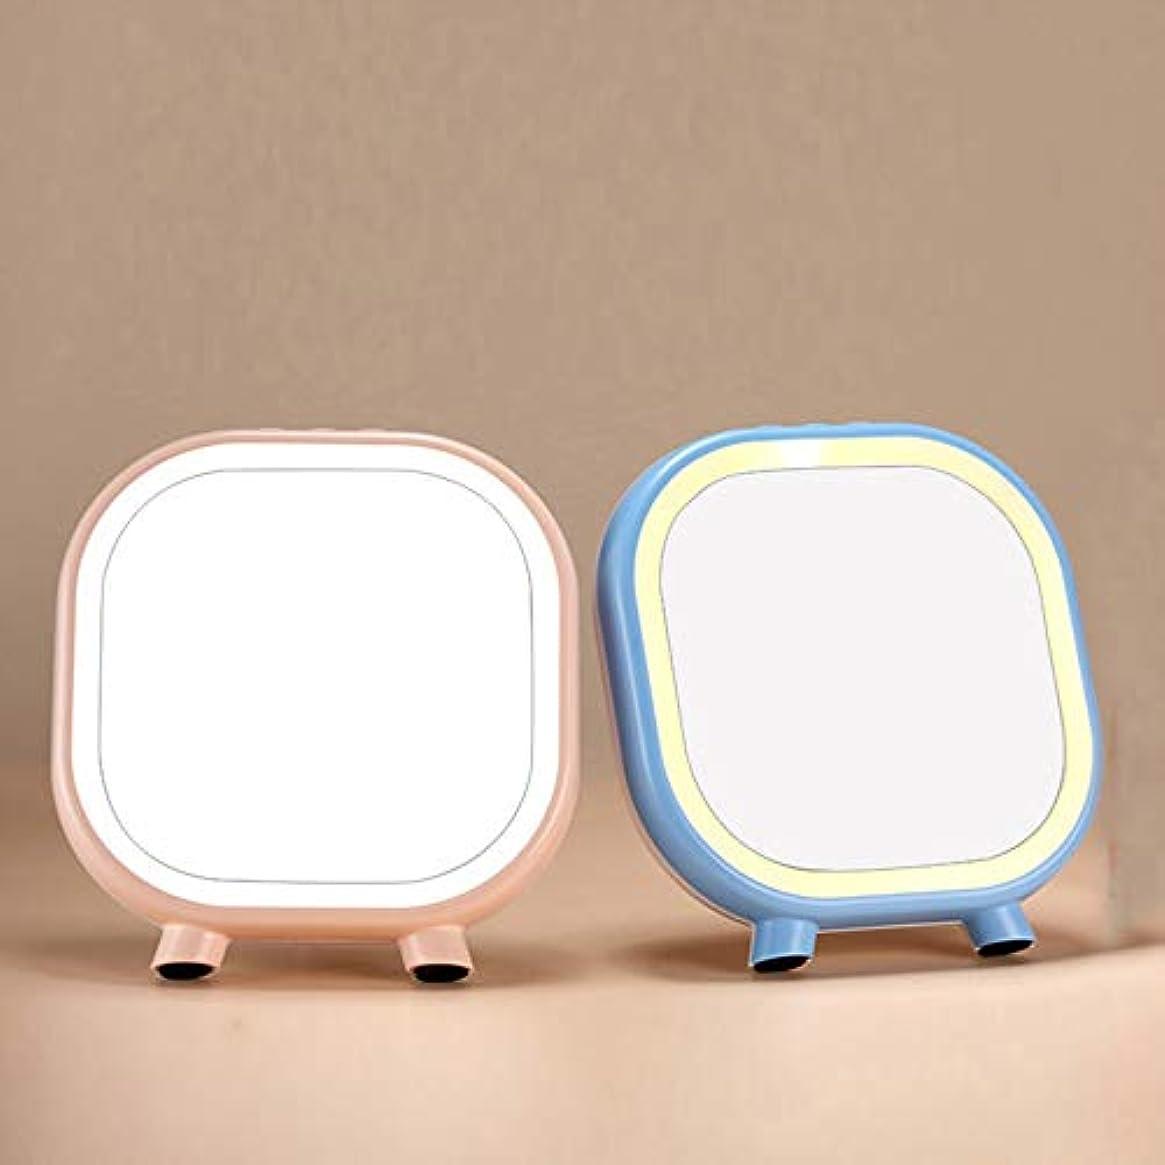 組み合わせる楽しませる多年生流行の クリエイティブ新しいLED照明ブルートゥーススピーカー美容ミラー化粧鏡化粧鏡ABS材料2ブルーブルー (色 : Blue)